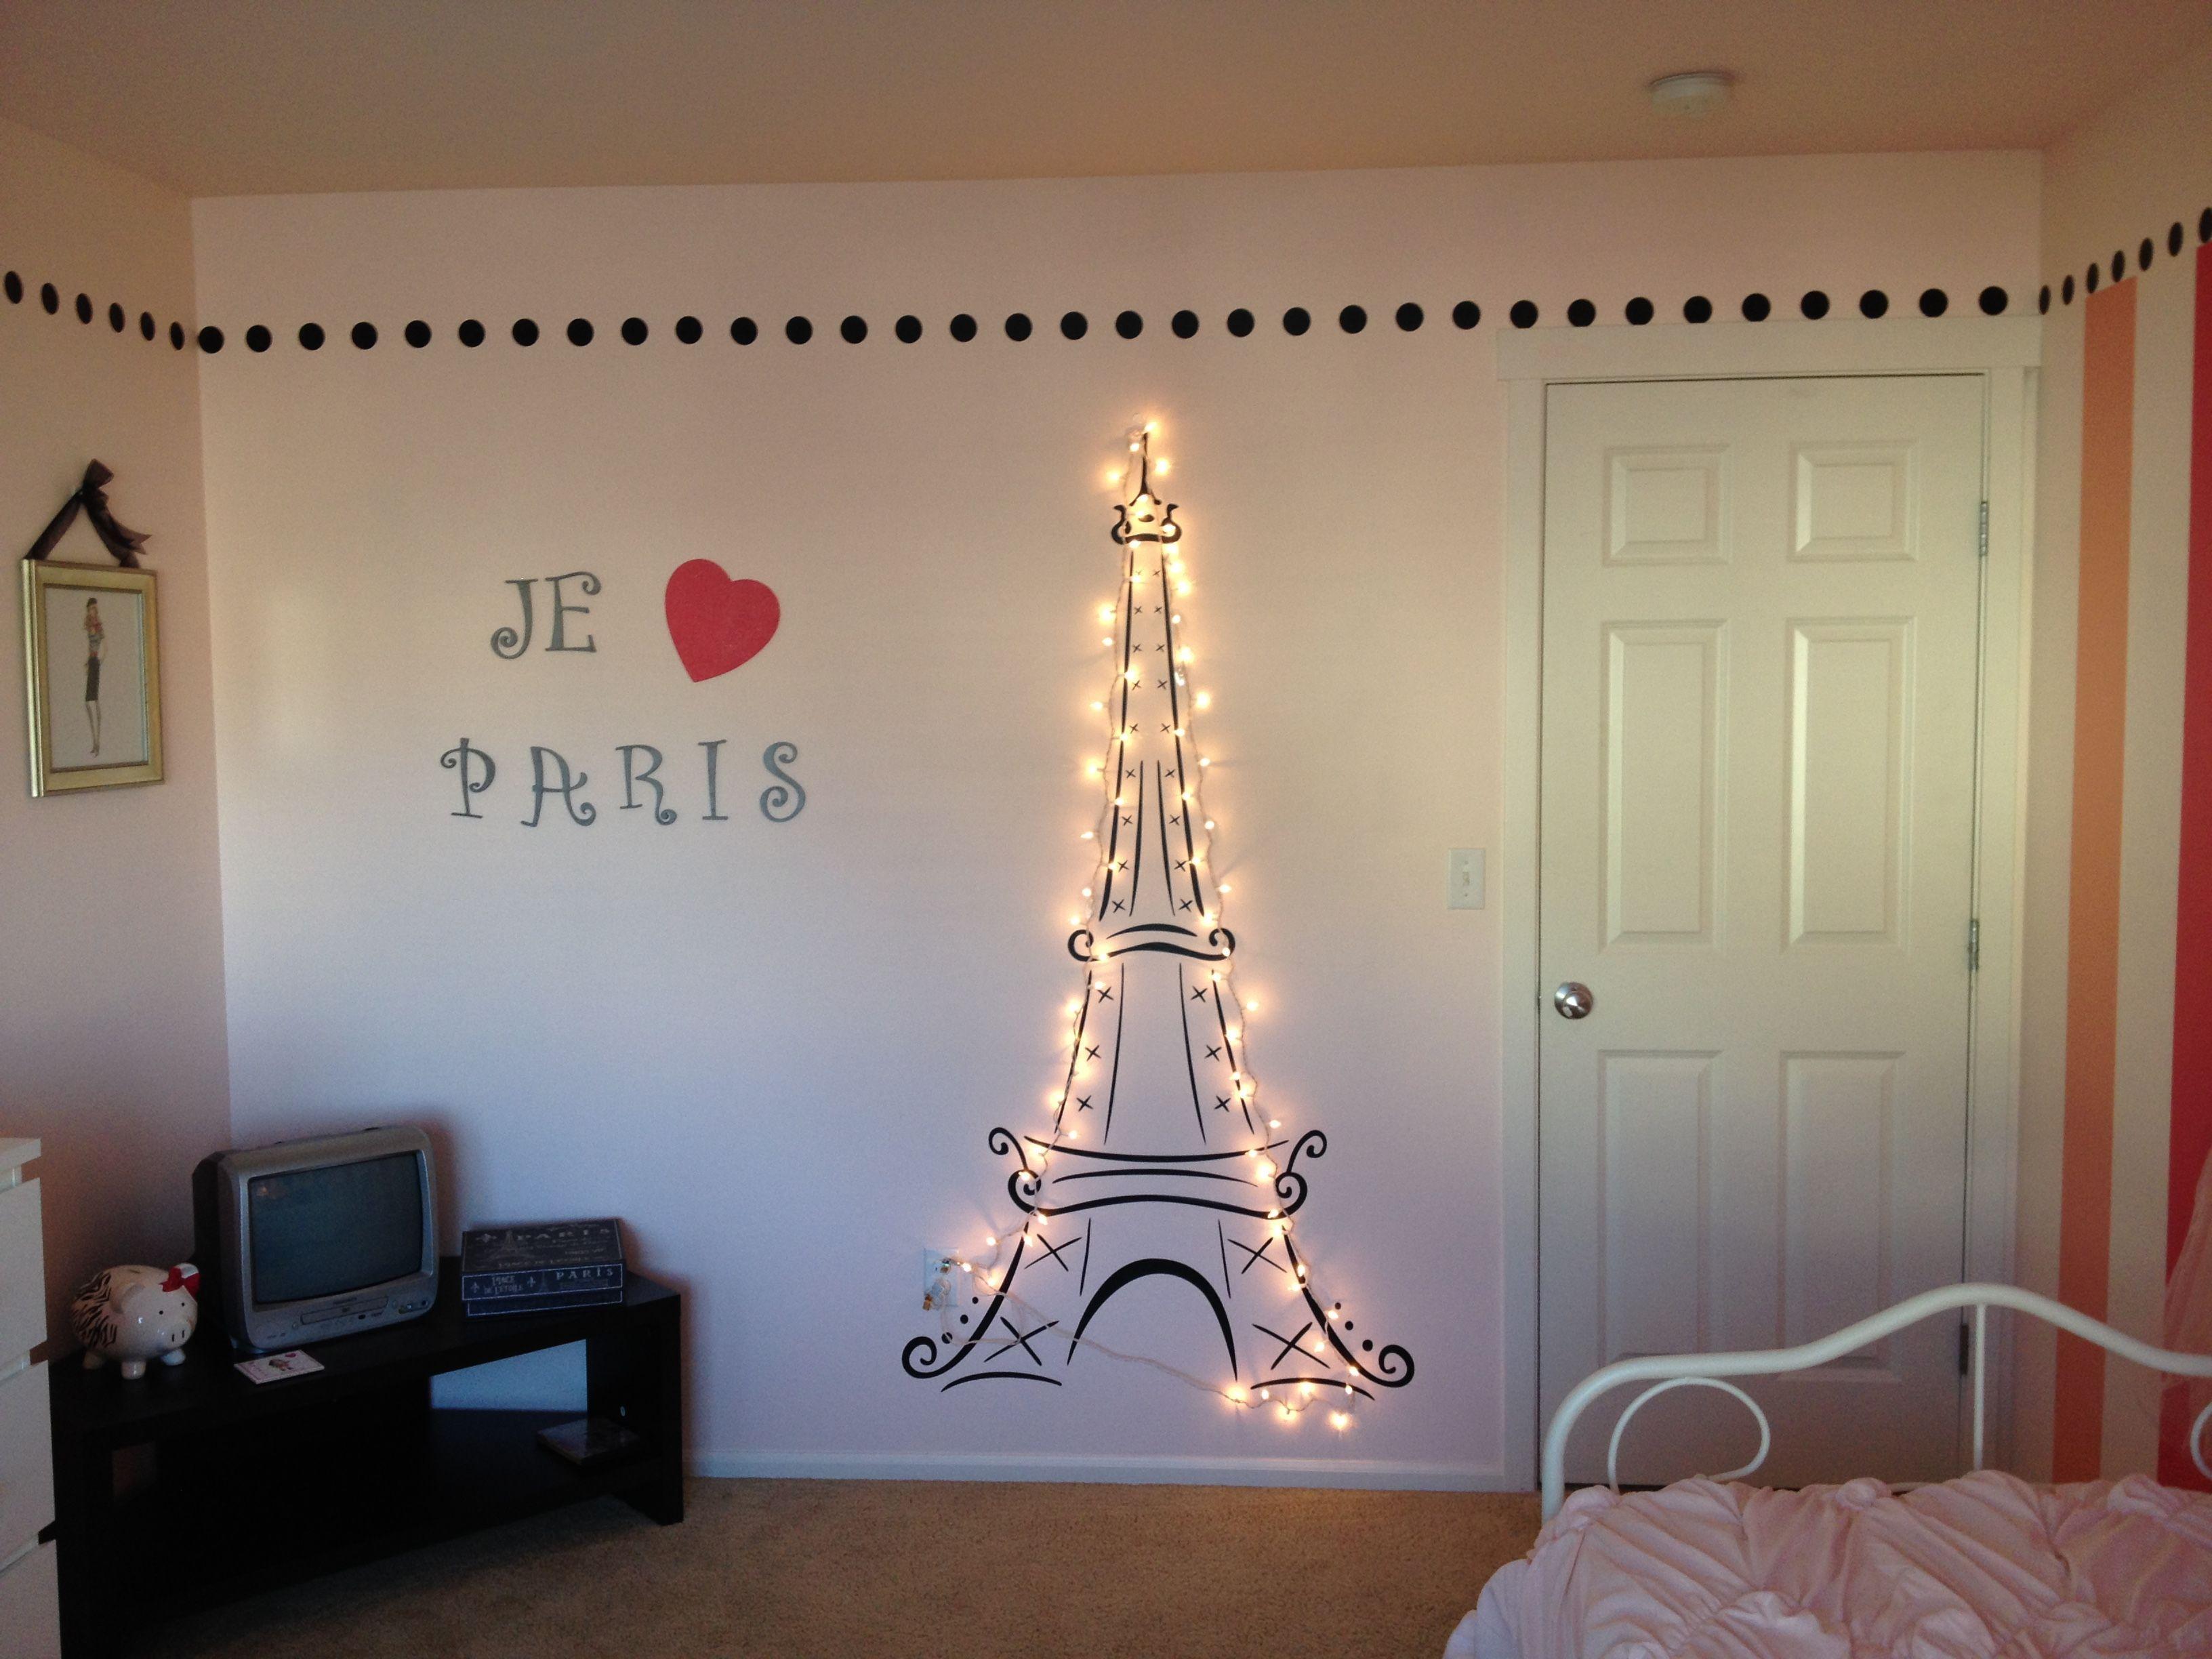 10 Paris Bedroom Ideas Most Amazing And Also Gorgeous Paris Themed Room Paris Room Decor Paris Decor Bedroom Paris accessories for bedroom